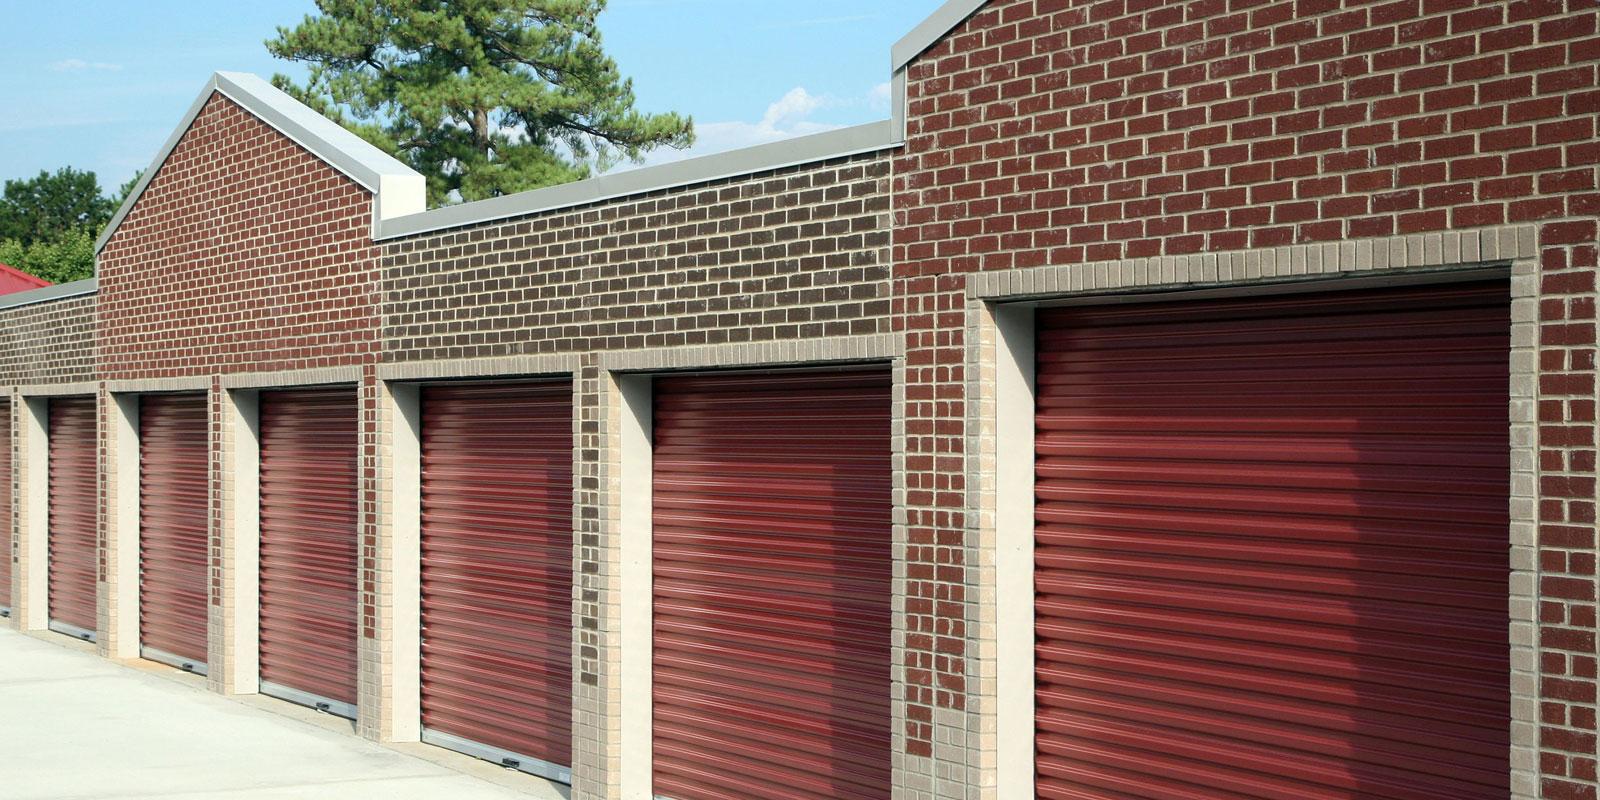 st-louis-garage-homeStorage